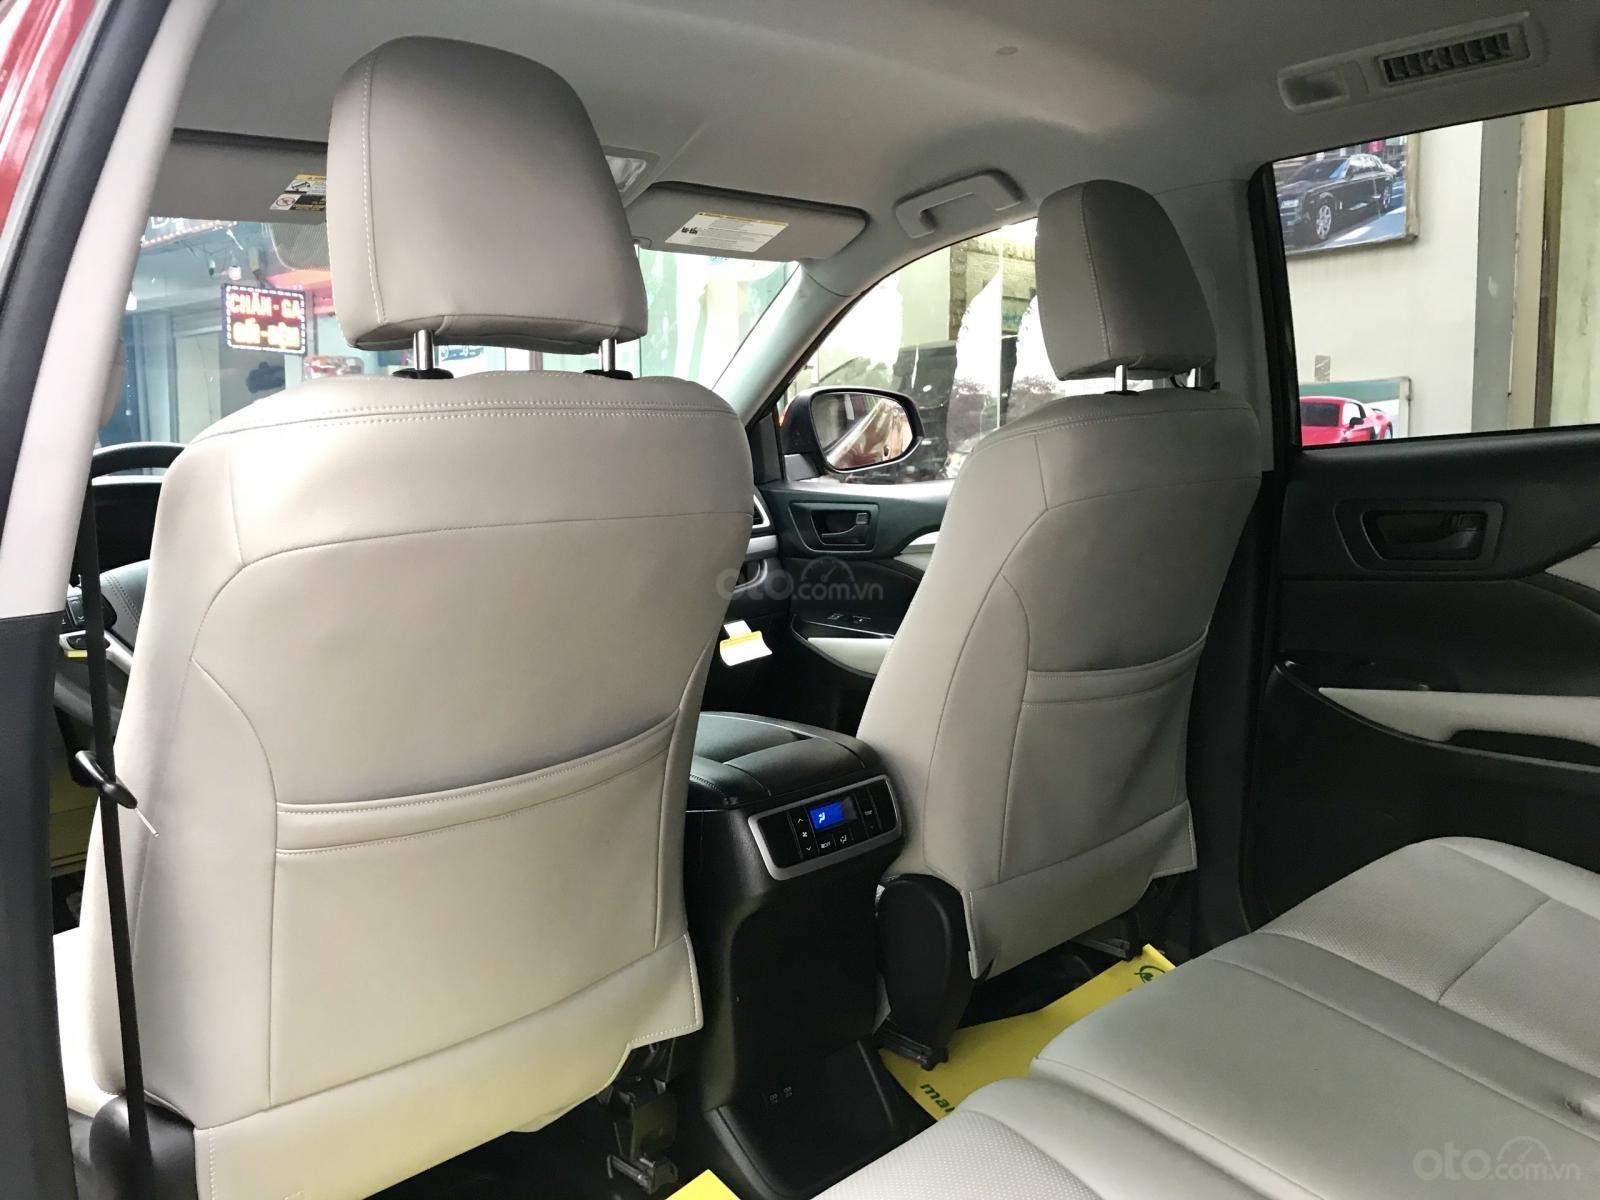 Bán Toyota Highlander sản xuất 2018, xe nhập Mỹ giá tốt LH Ms Hương 094.539.2468 (11)